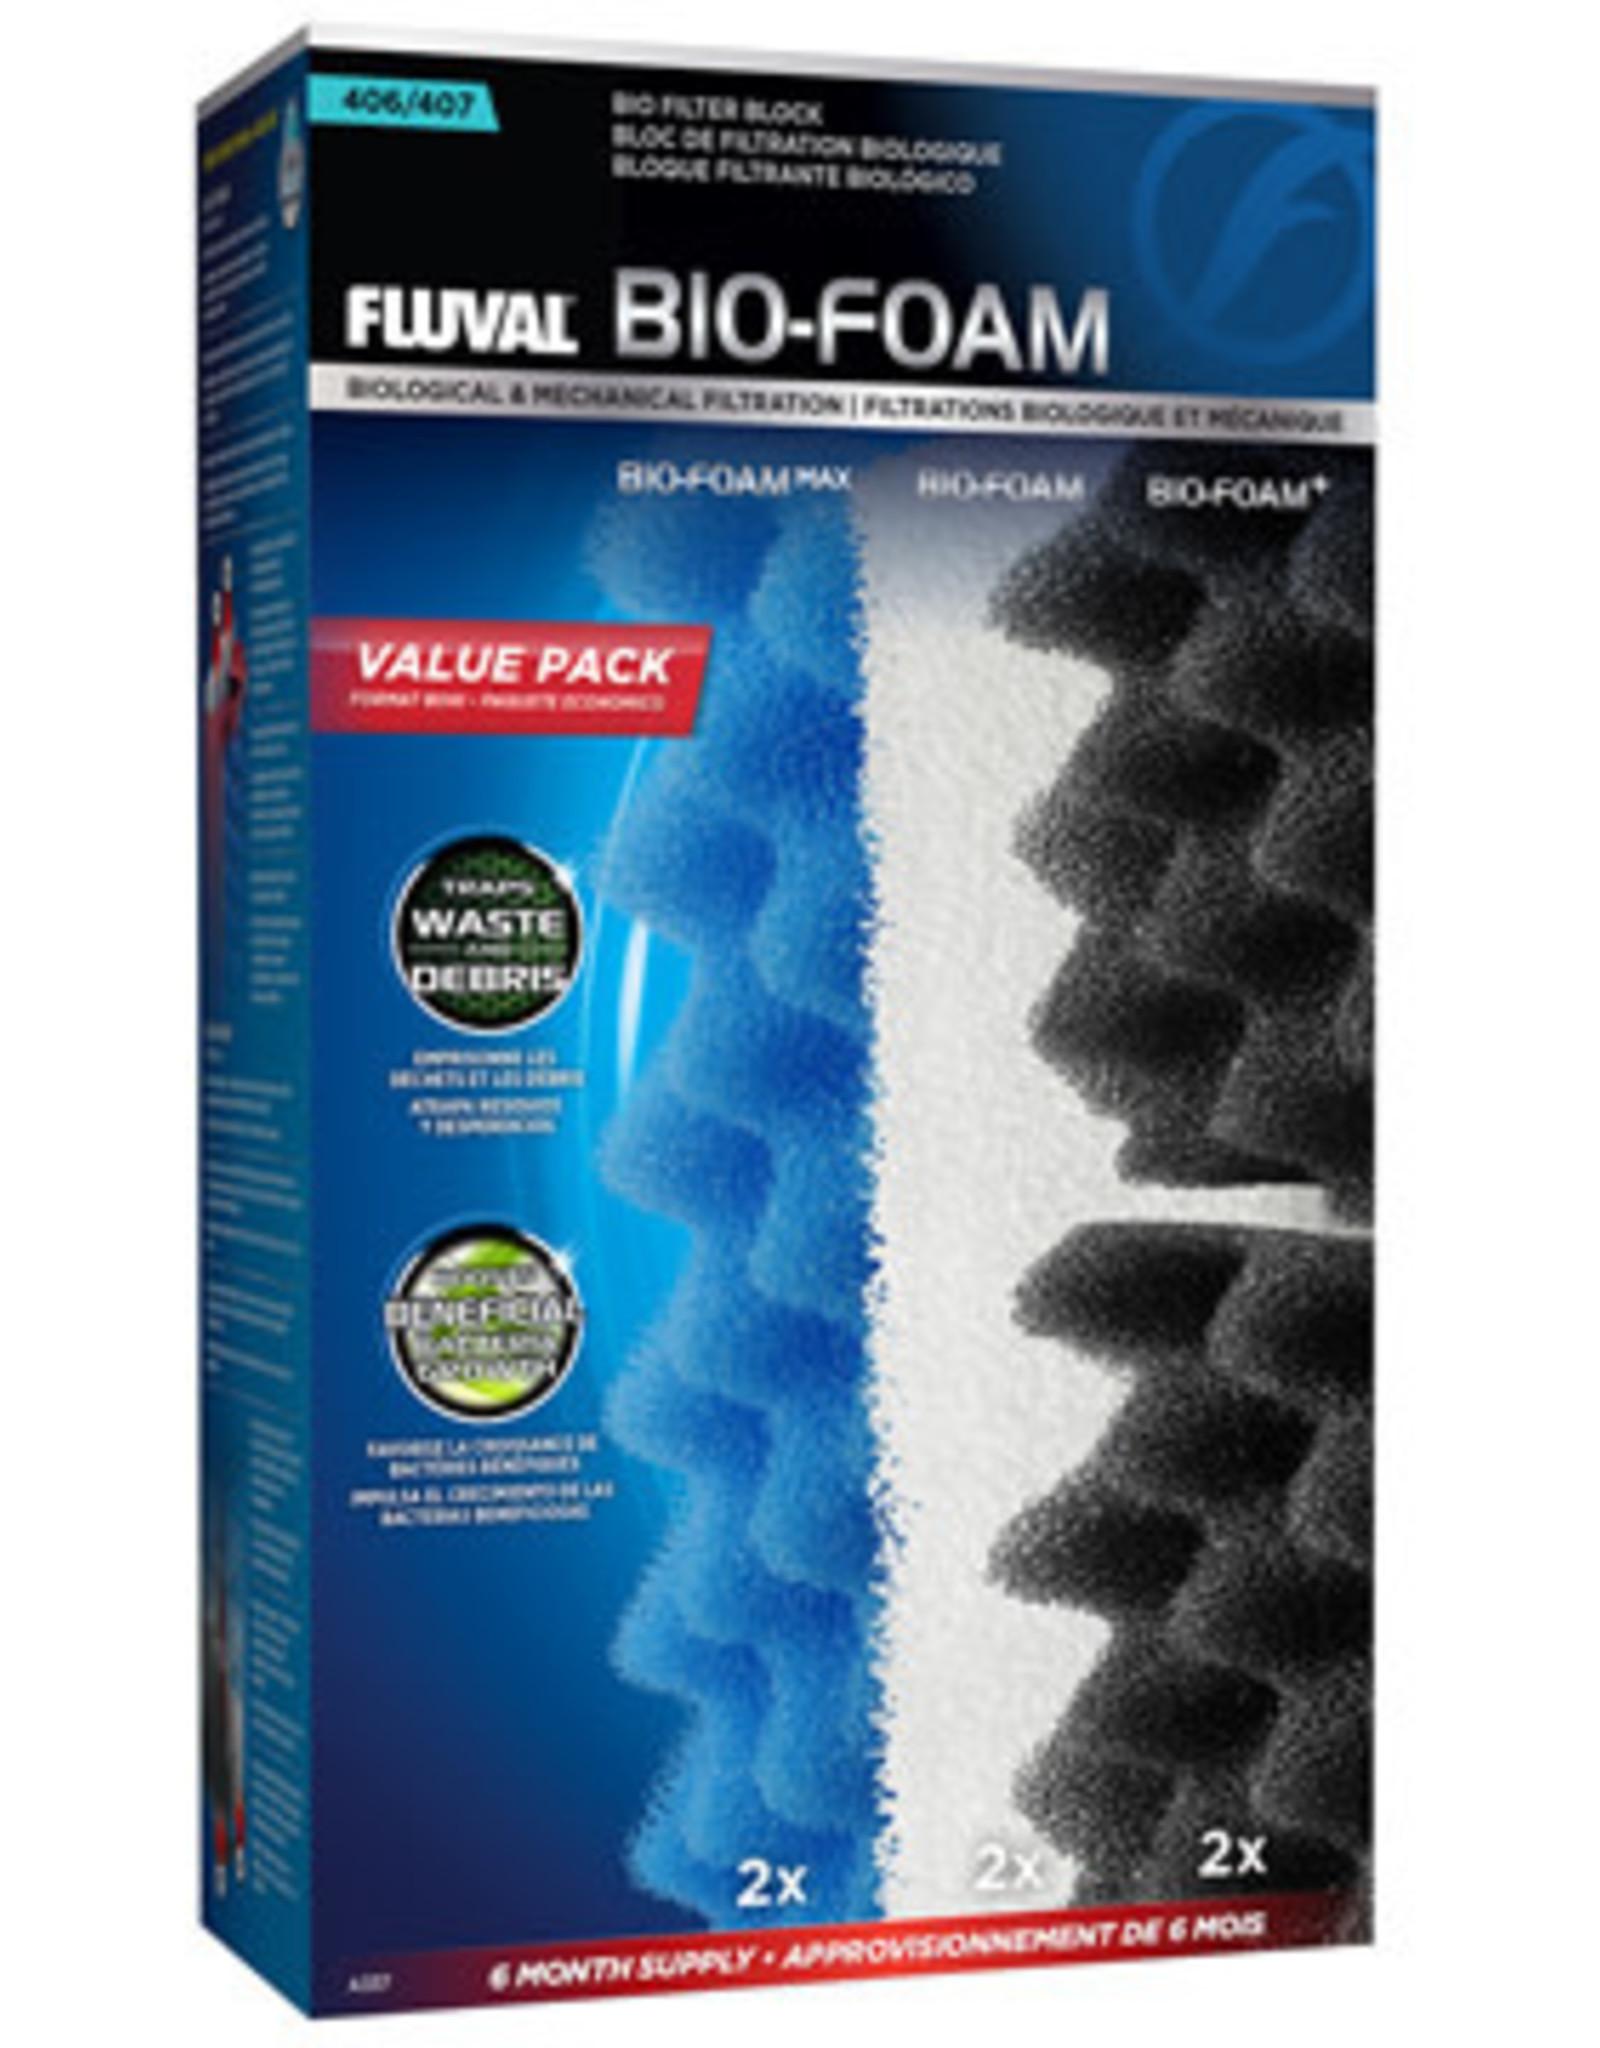 Fluval Fluval 407 Bio-Foam Value Pack